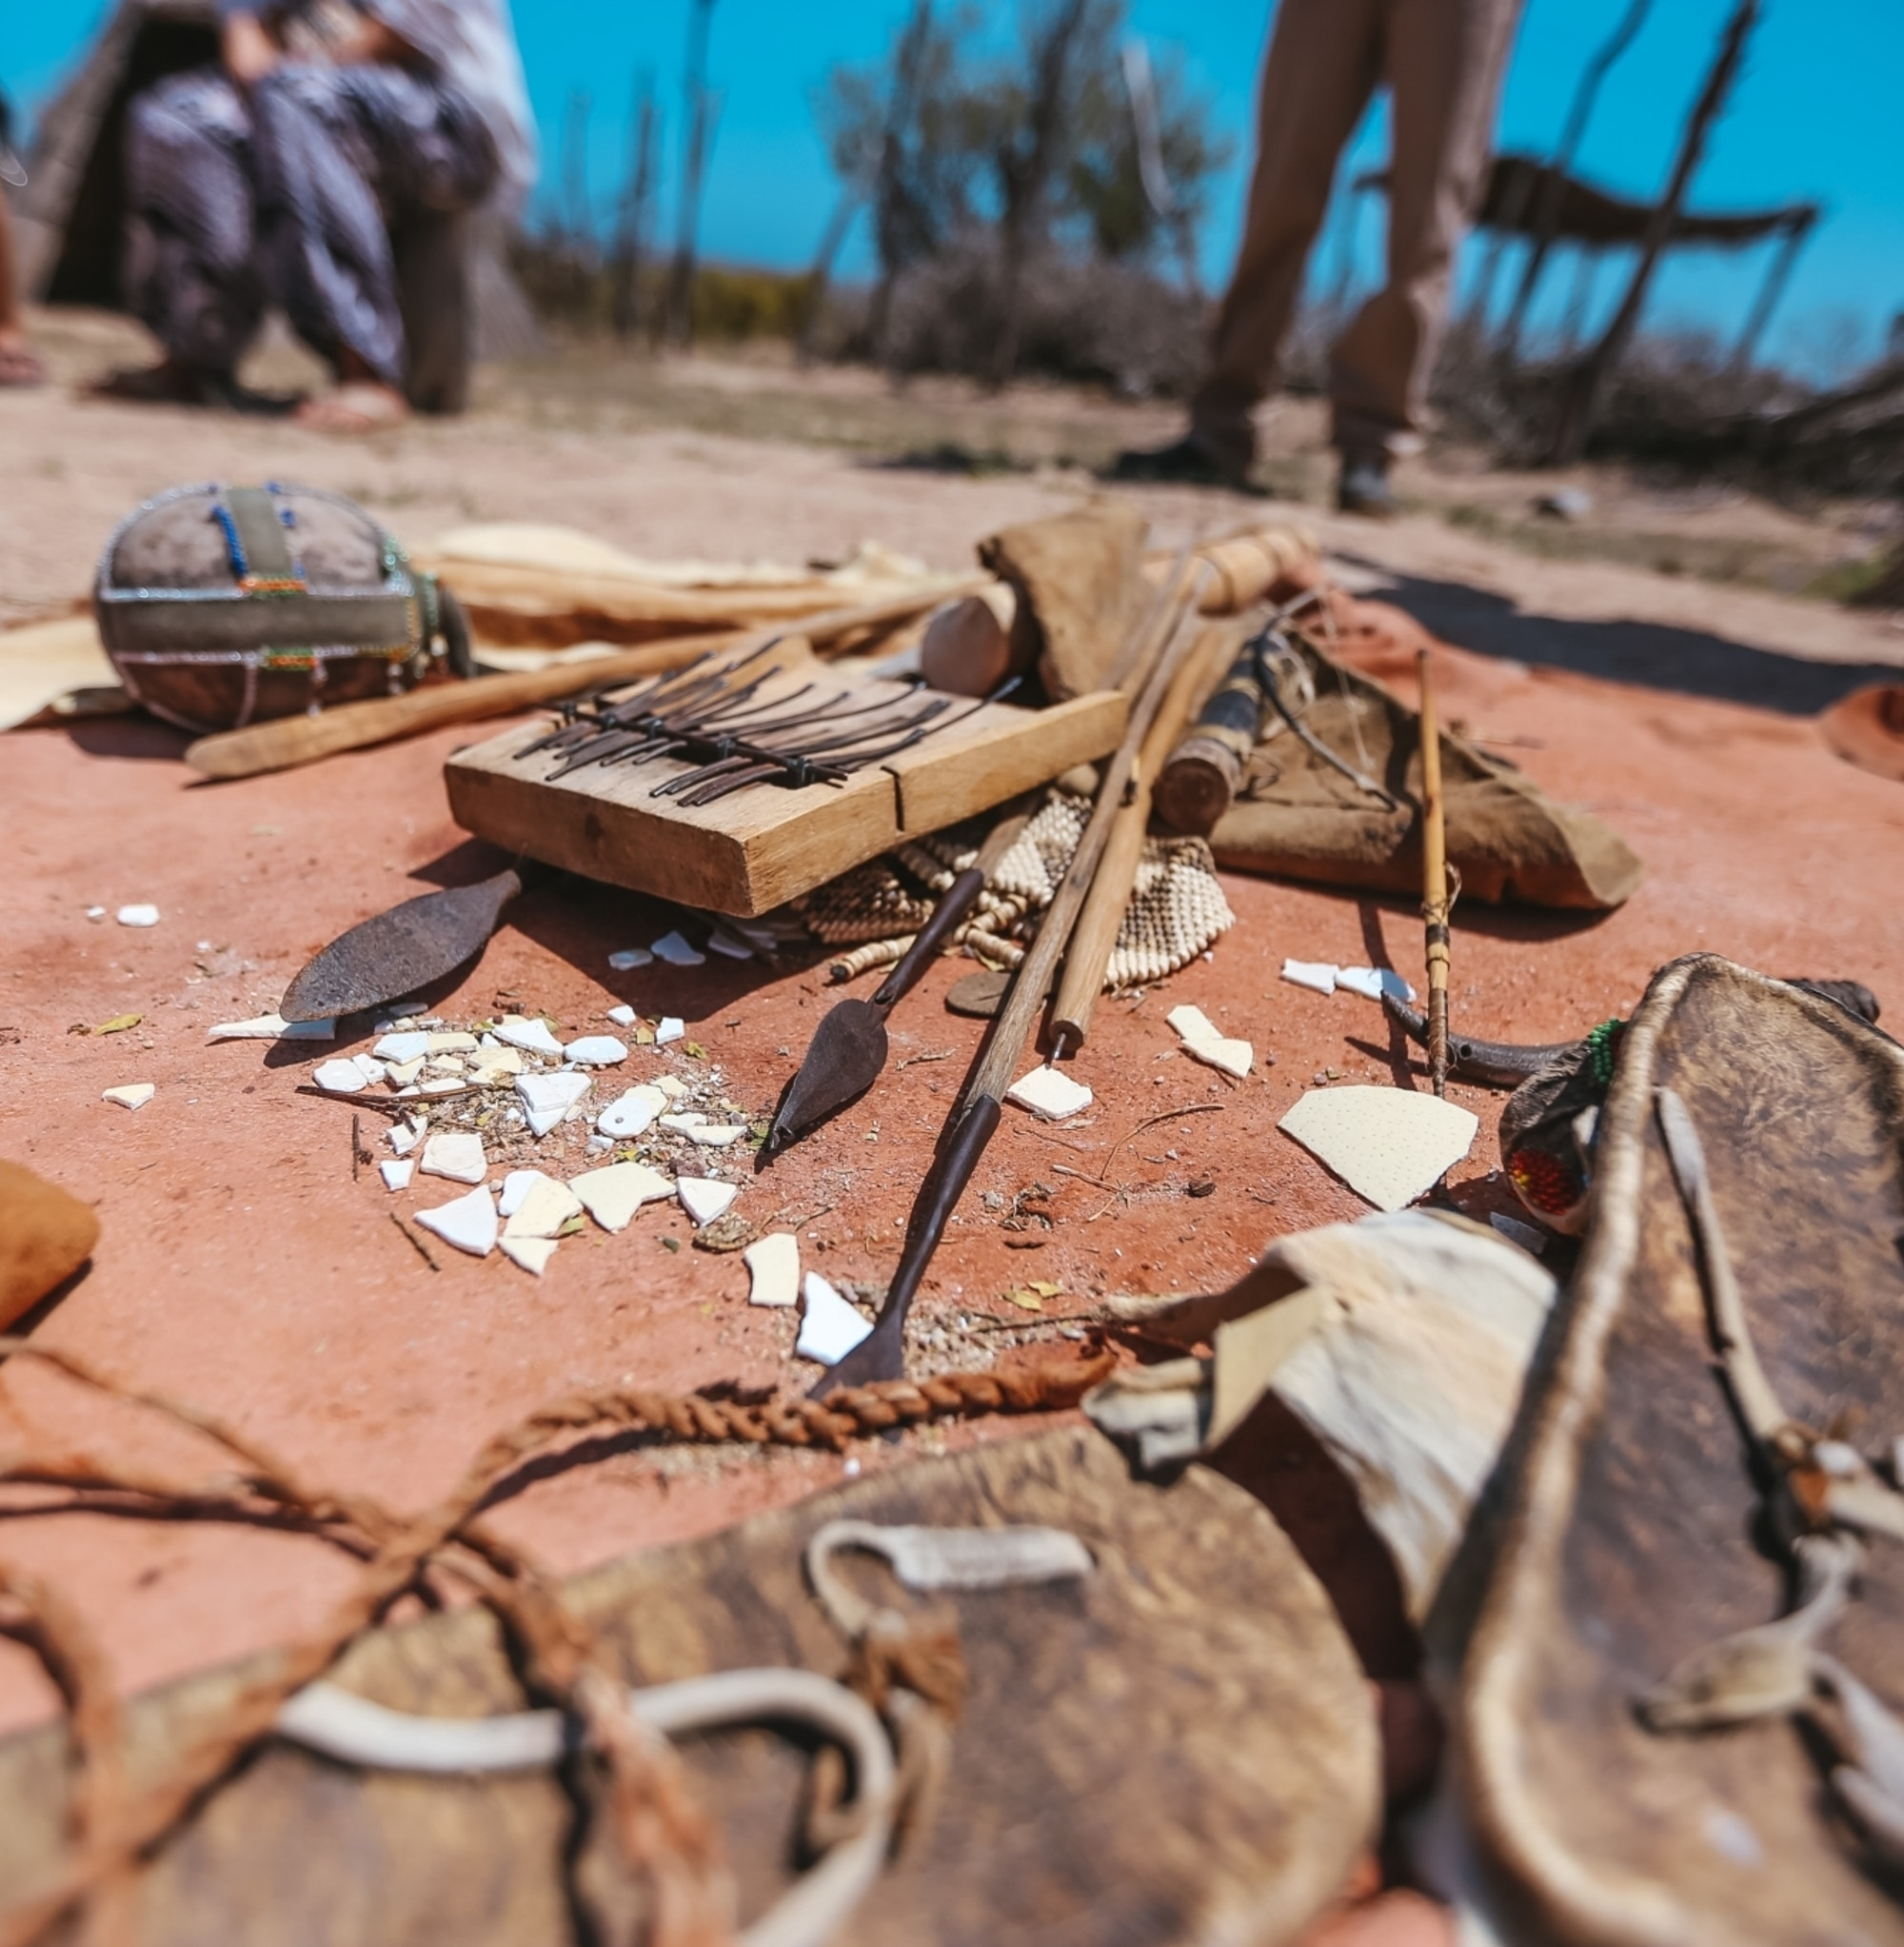 Khwa ttu San Culture education centre